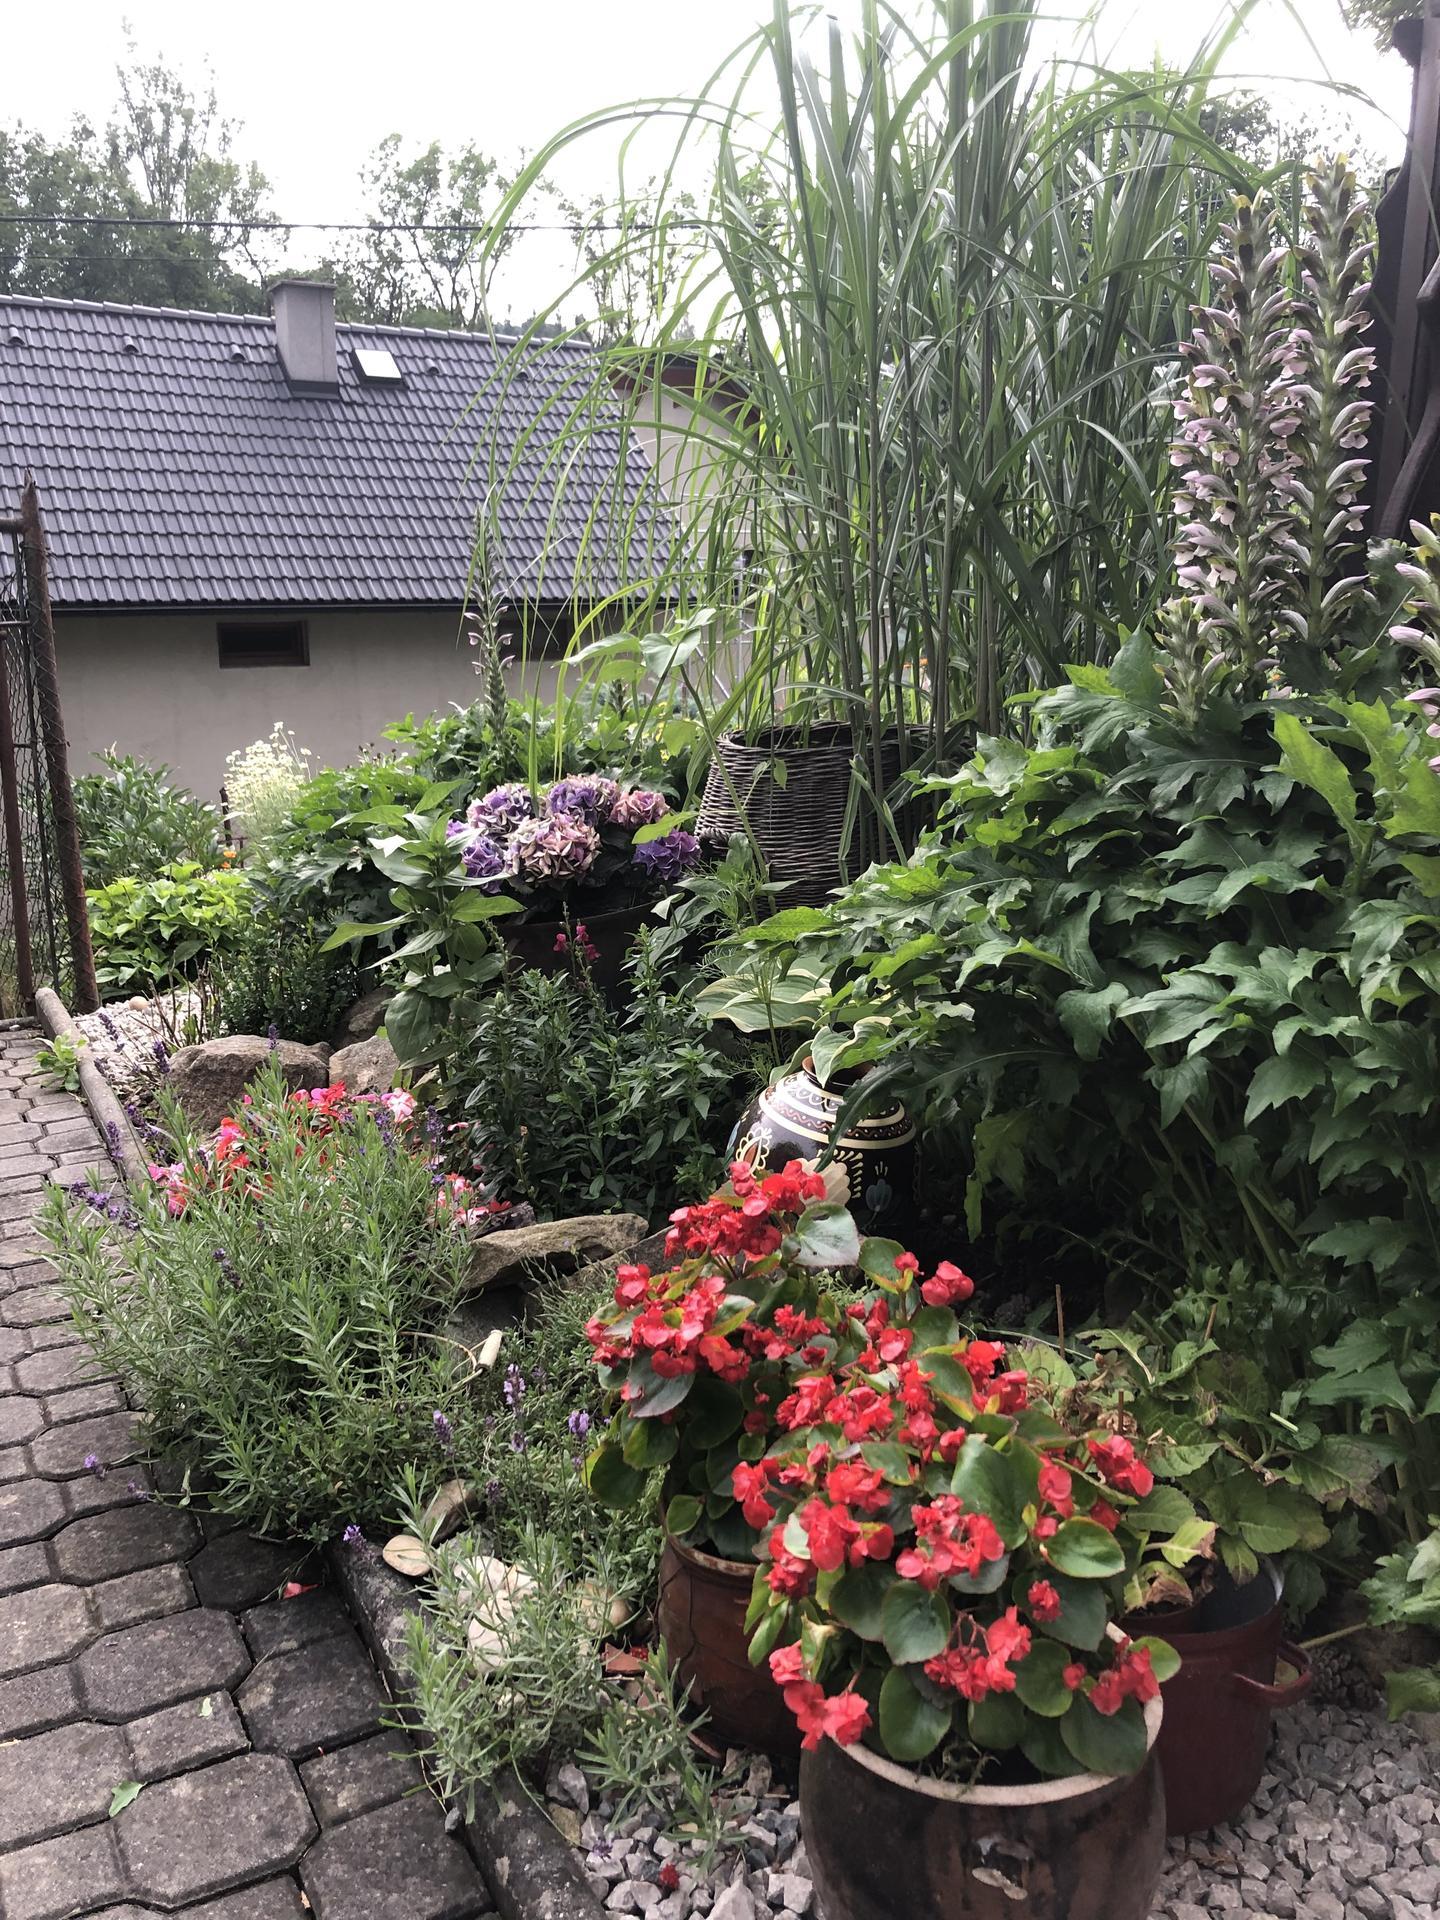 U nás doma a na zahradě 2021 - Obrázek č. 31